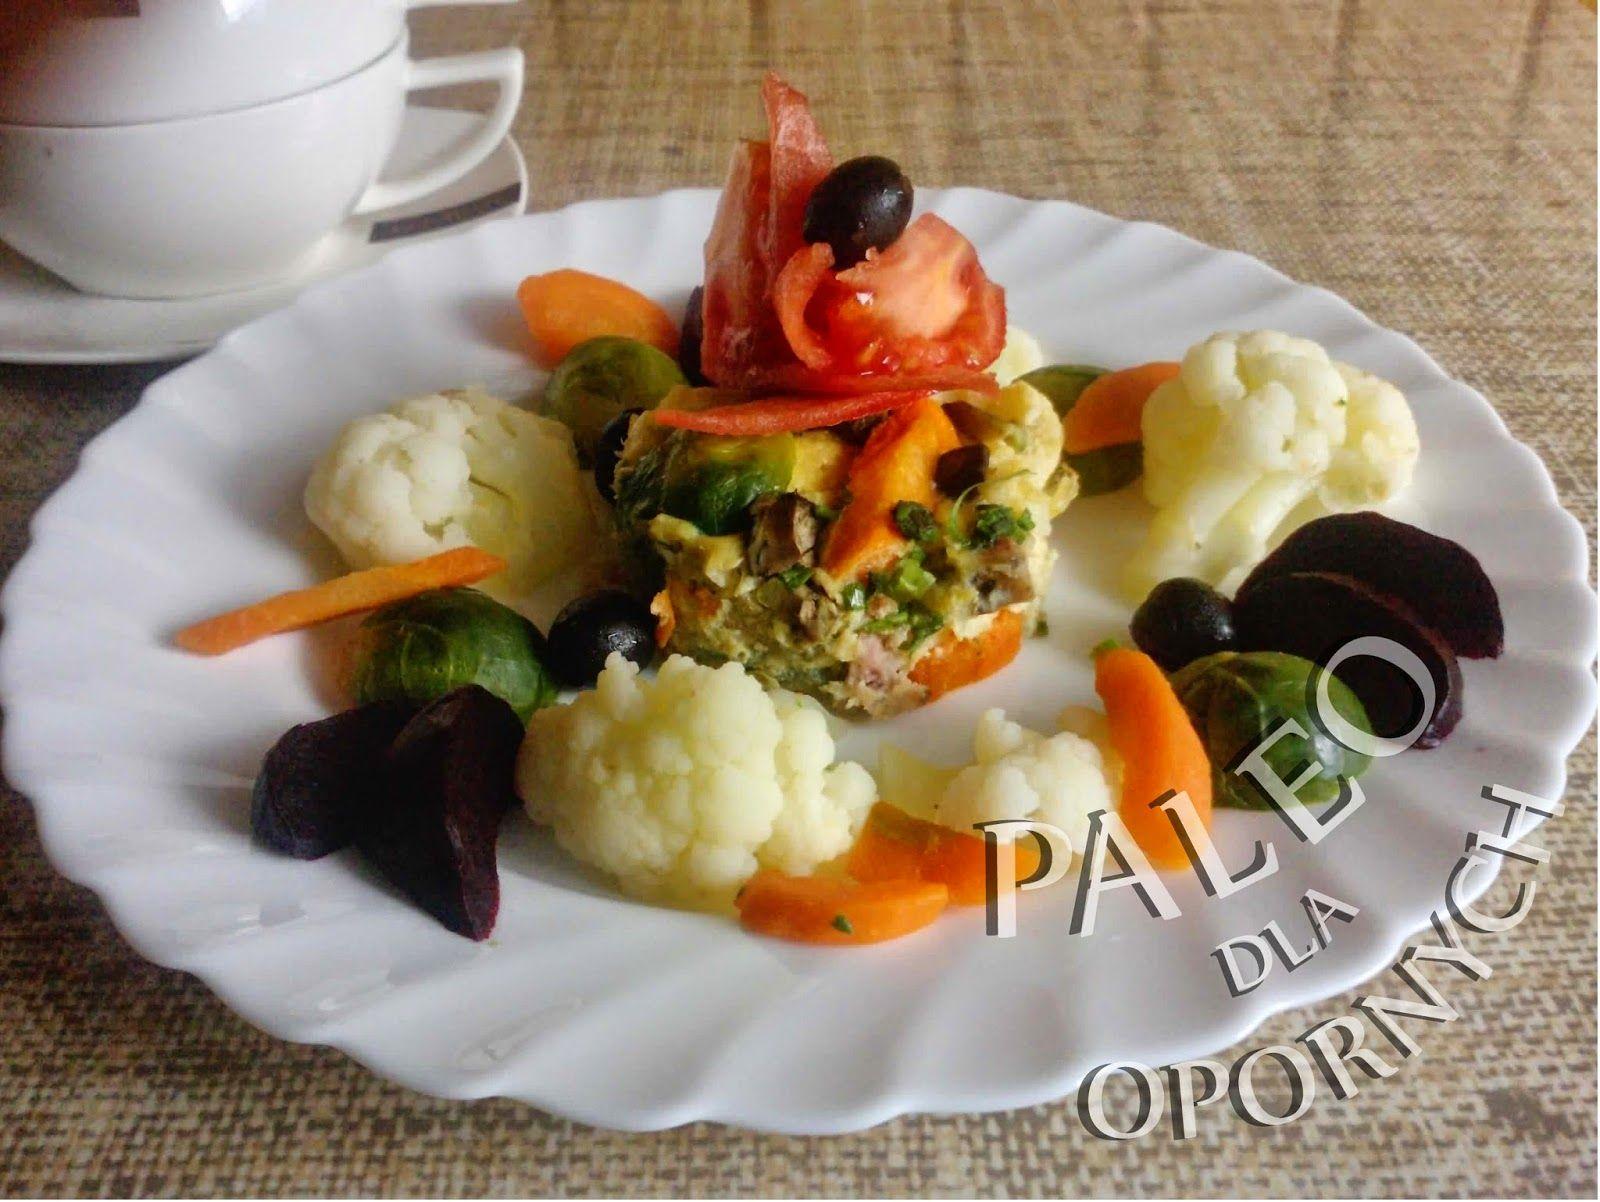 Kuchnia Paleo Dla Opornych Frittata Z Warzywami Cooking Paleo Food